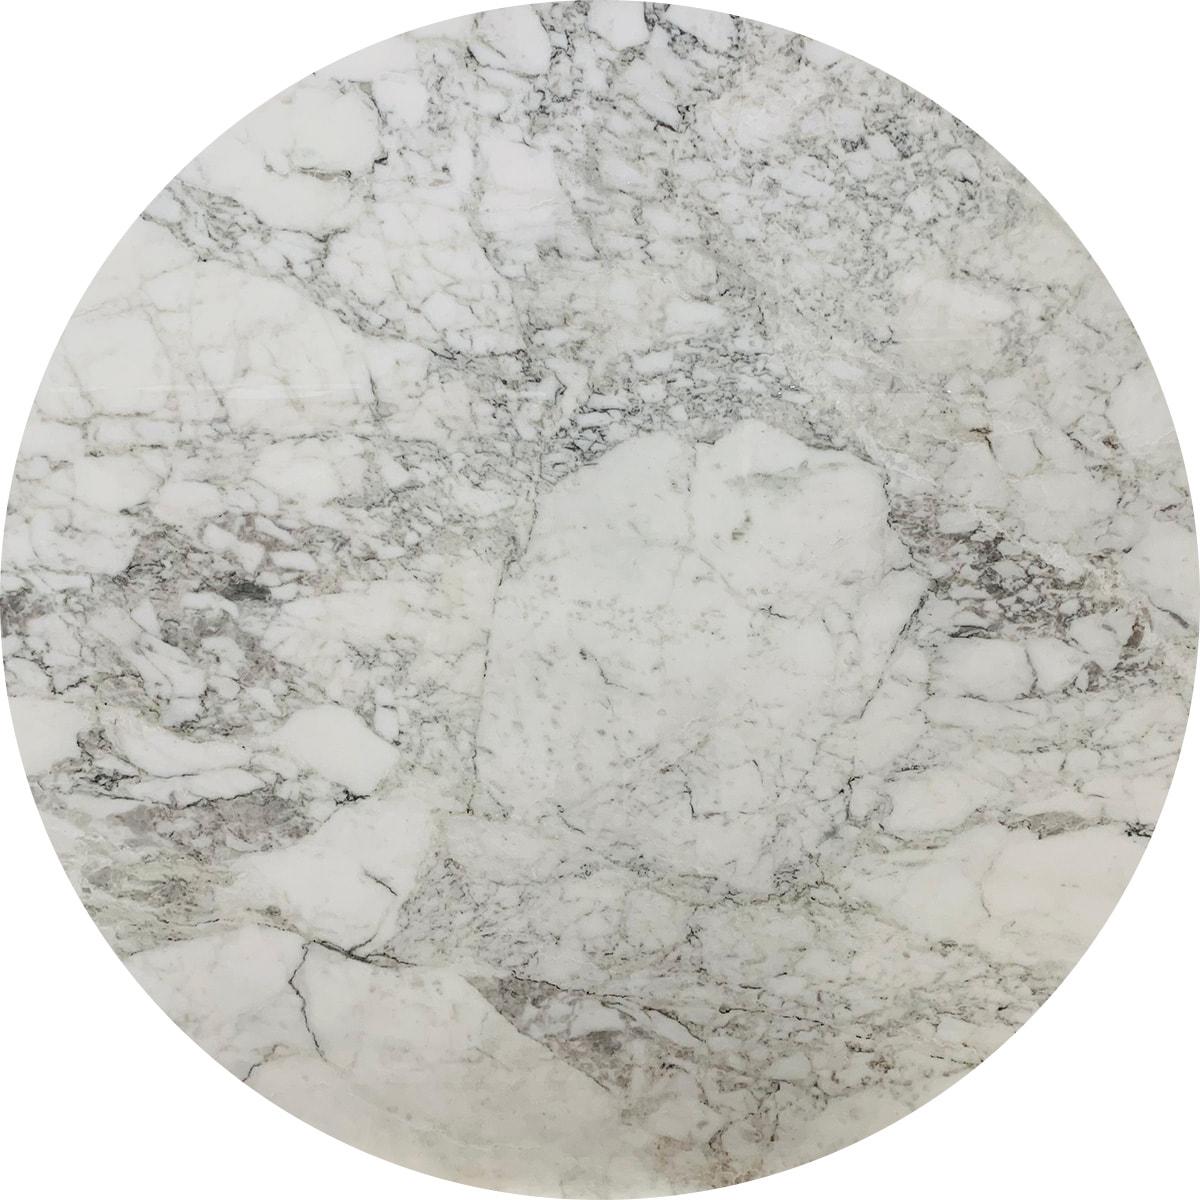 Saarinen Collection Round Tables(サーリネンテーブル) 1200mm アラベスカート 176TRMA2 (016)